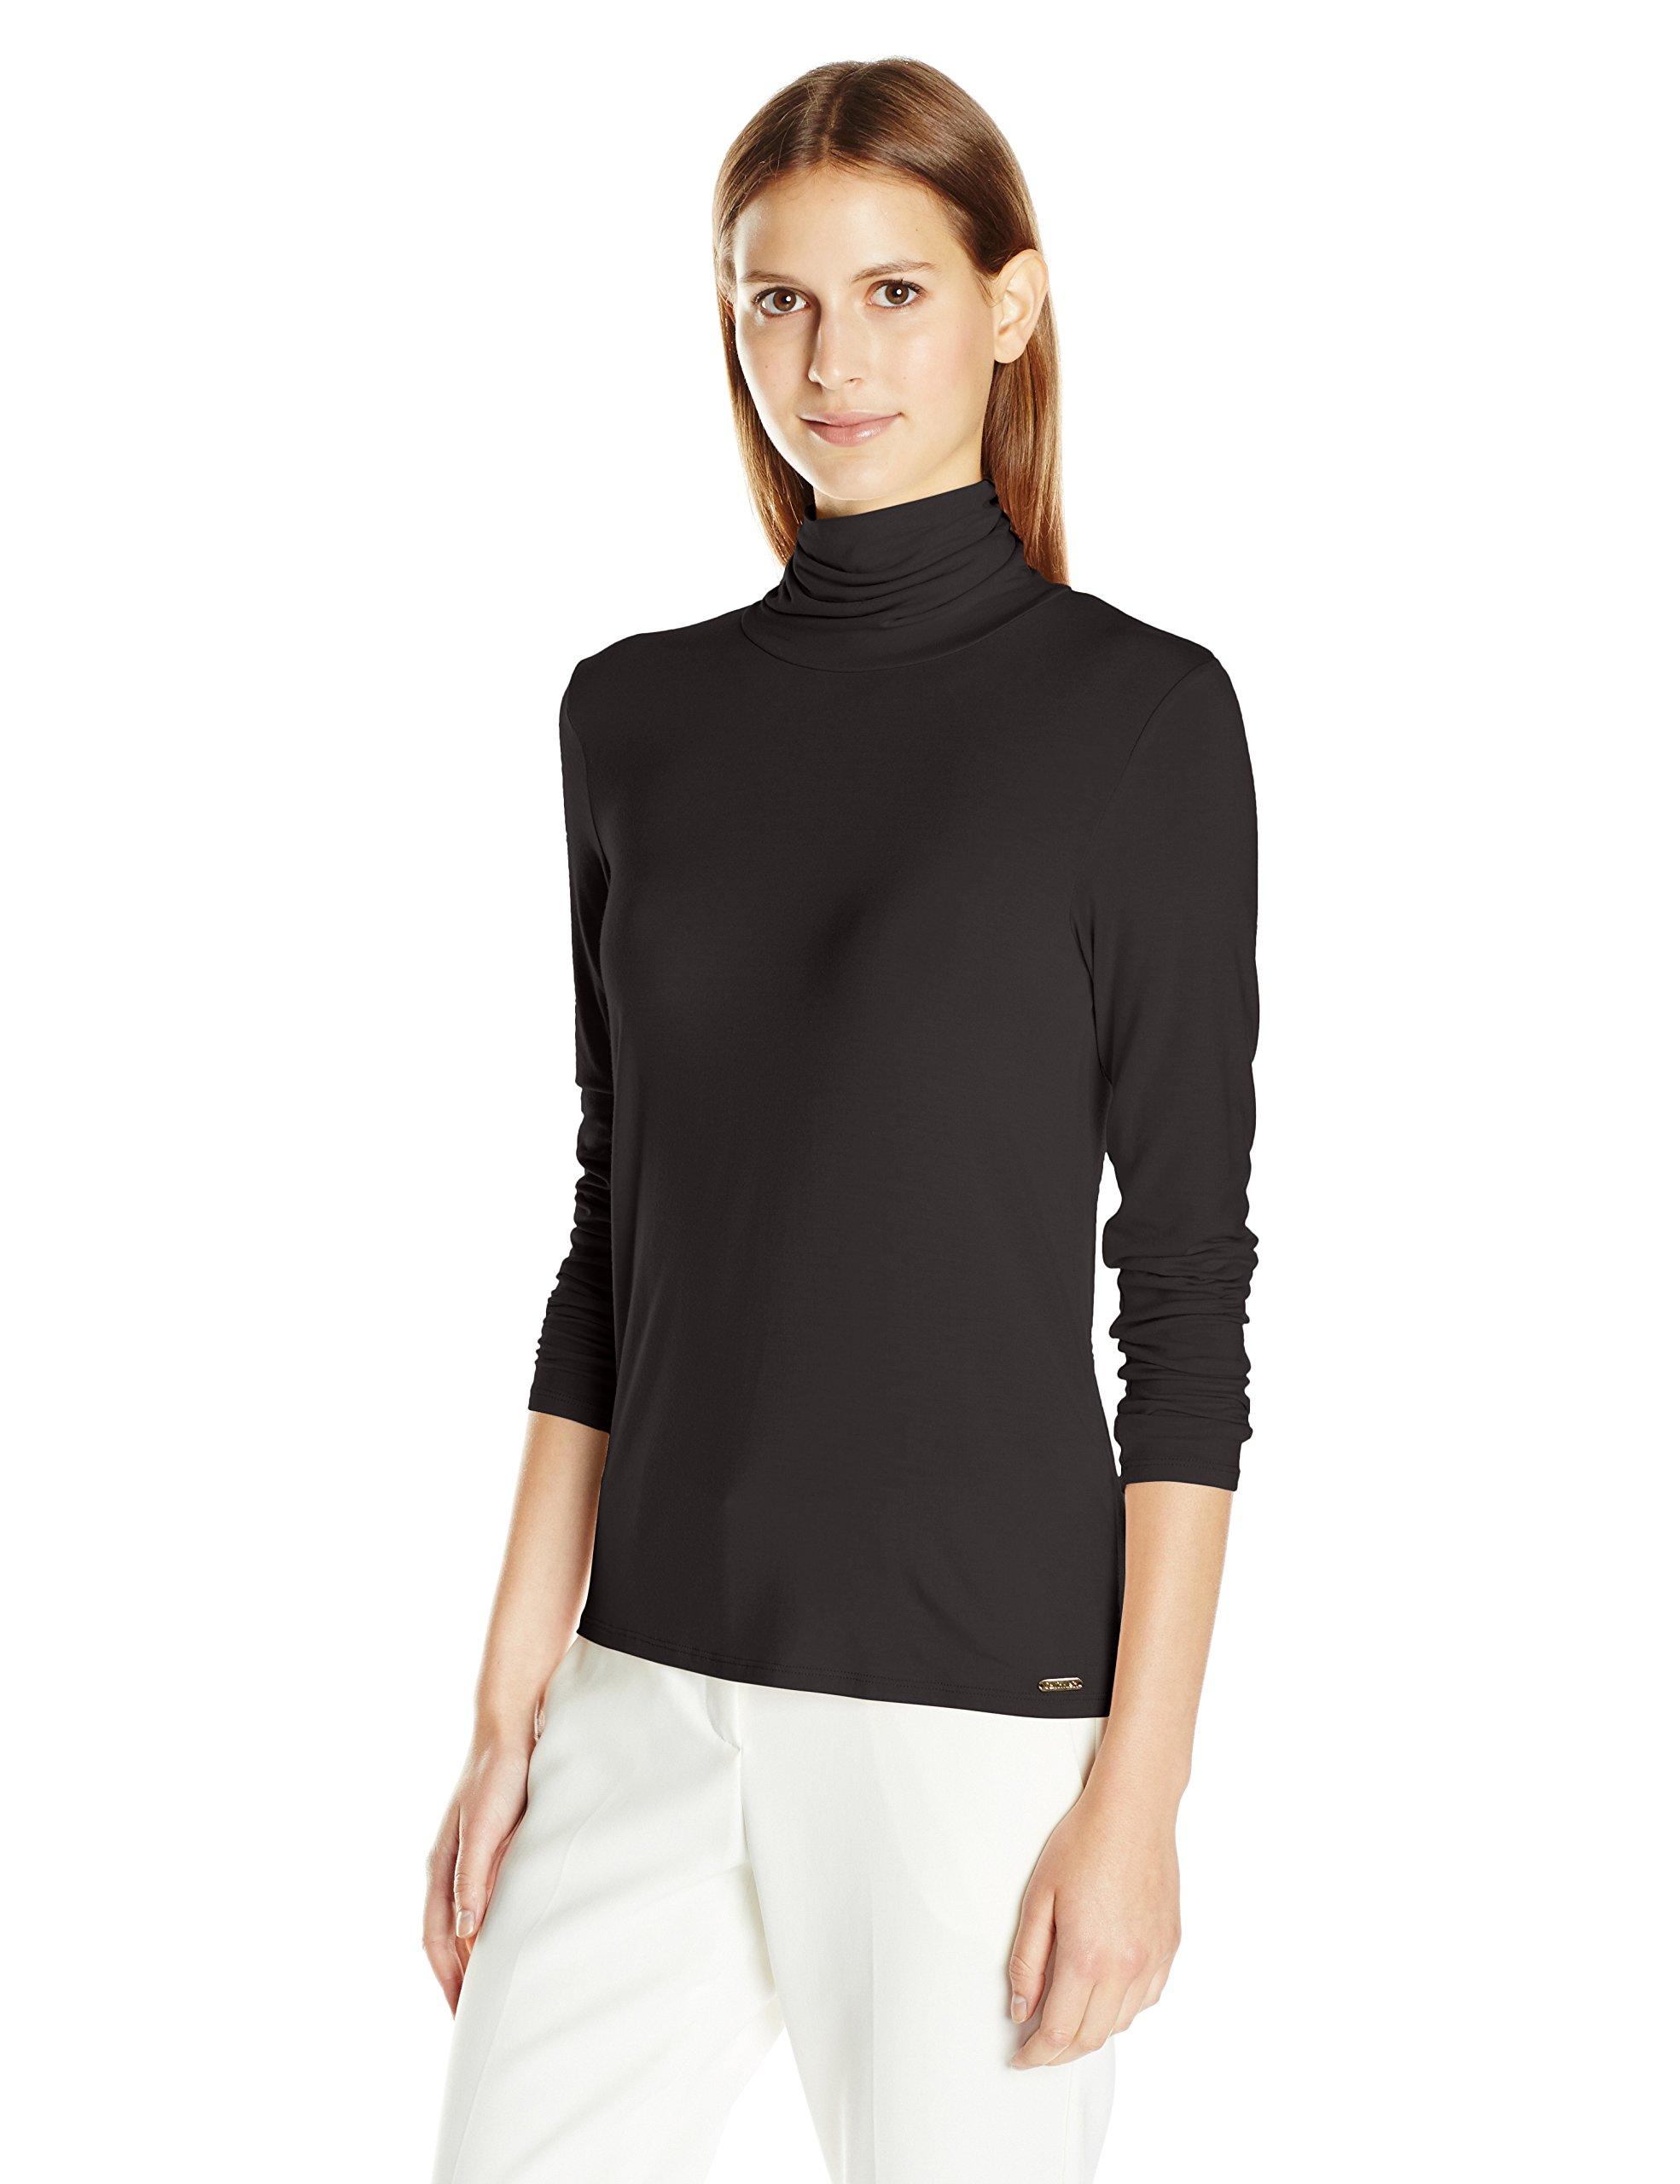 Calvin Klein 女士液体针织高翻领上衣